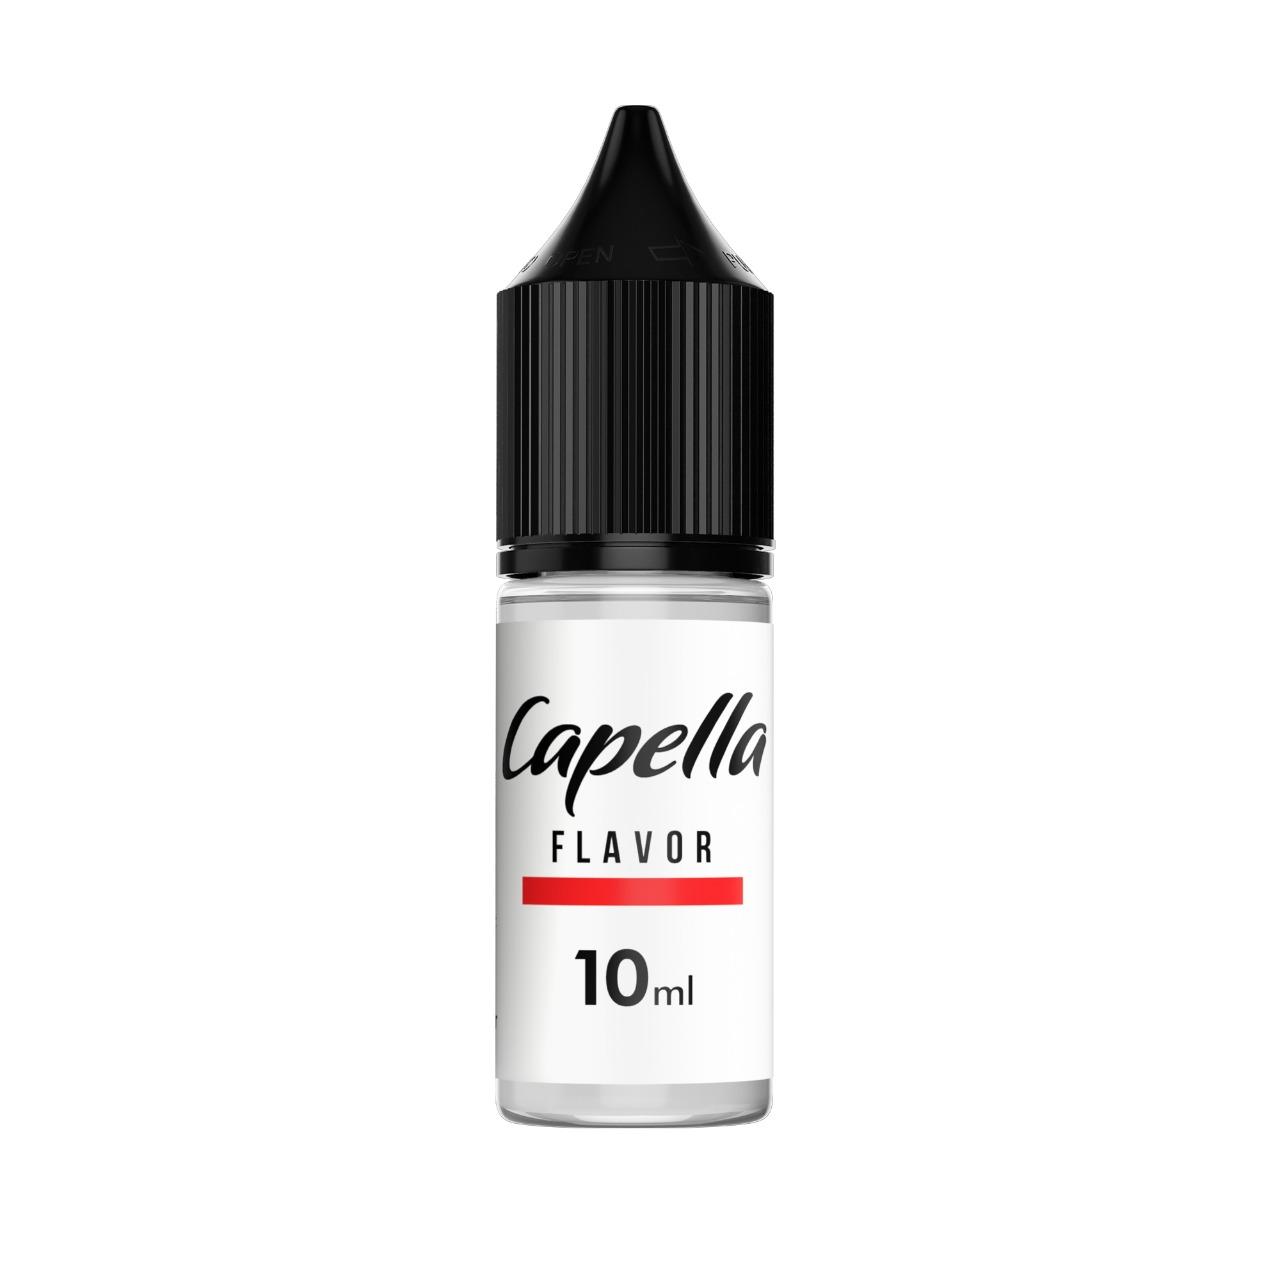 Capella (CAP) Burley Blend 10ml